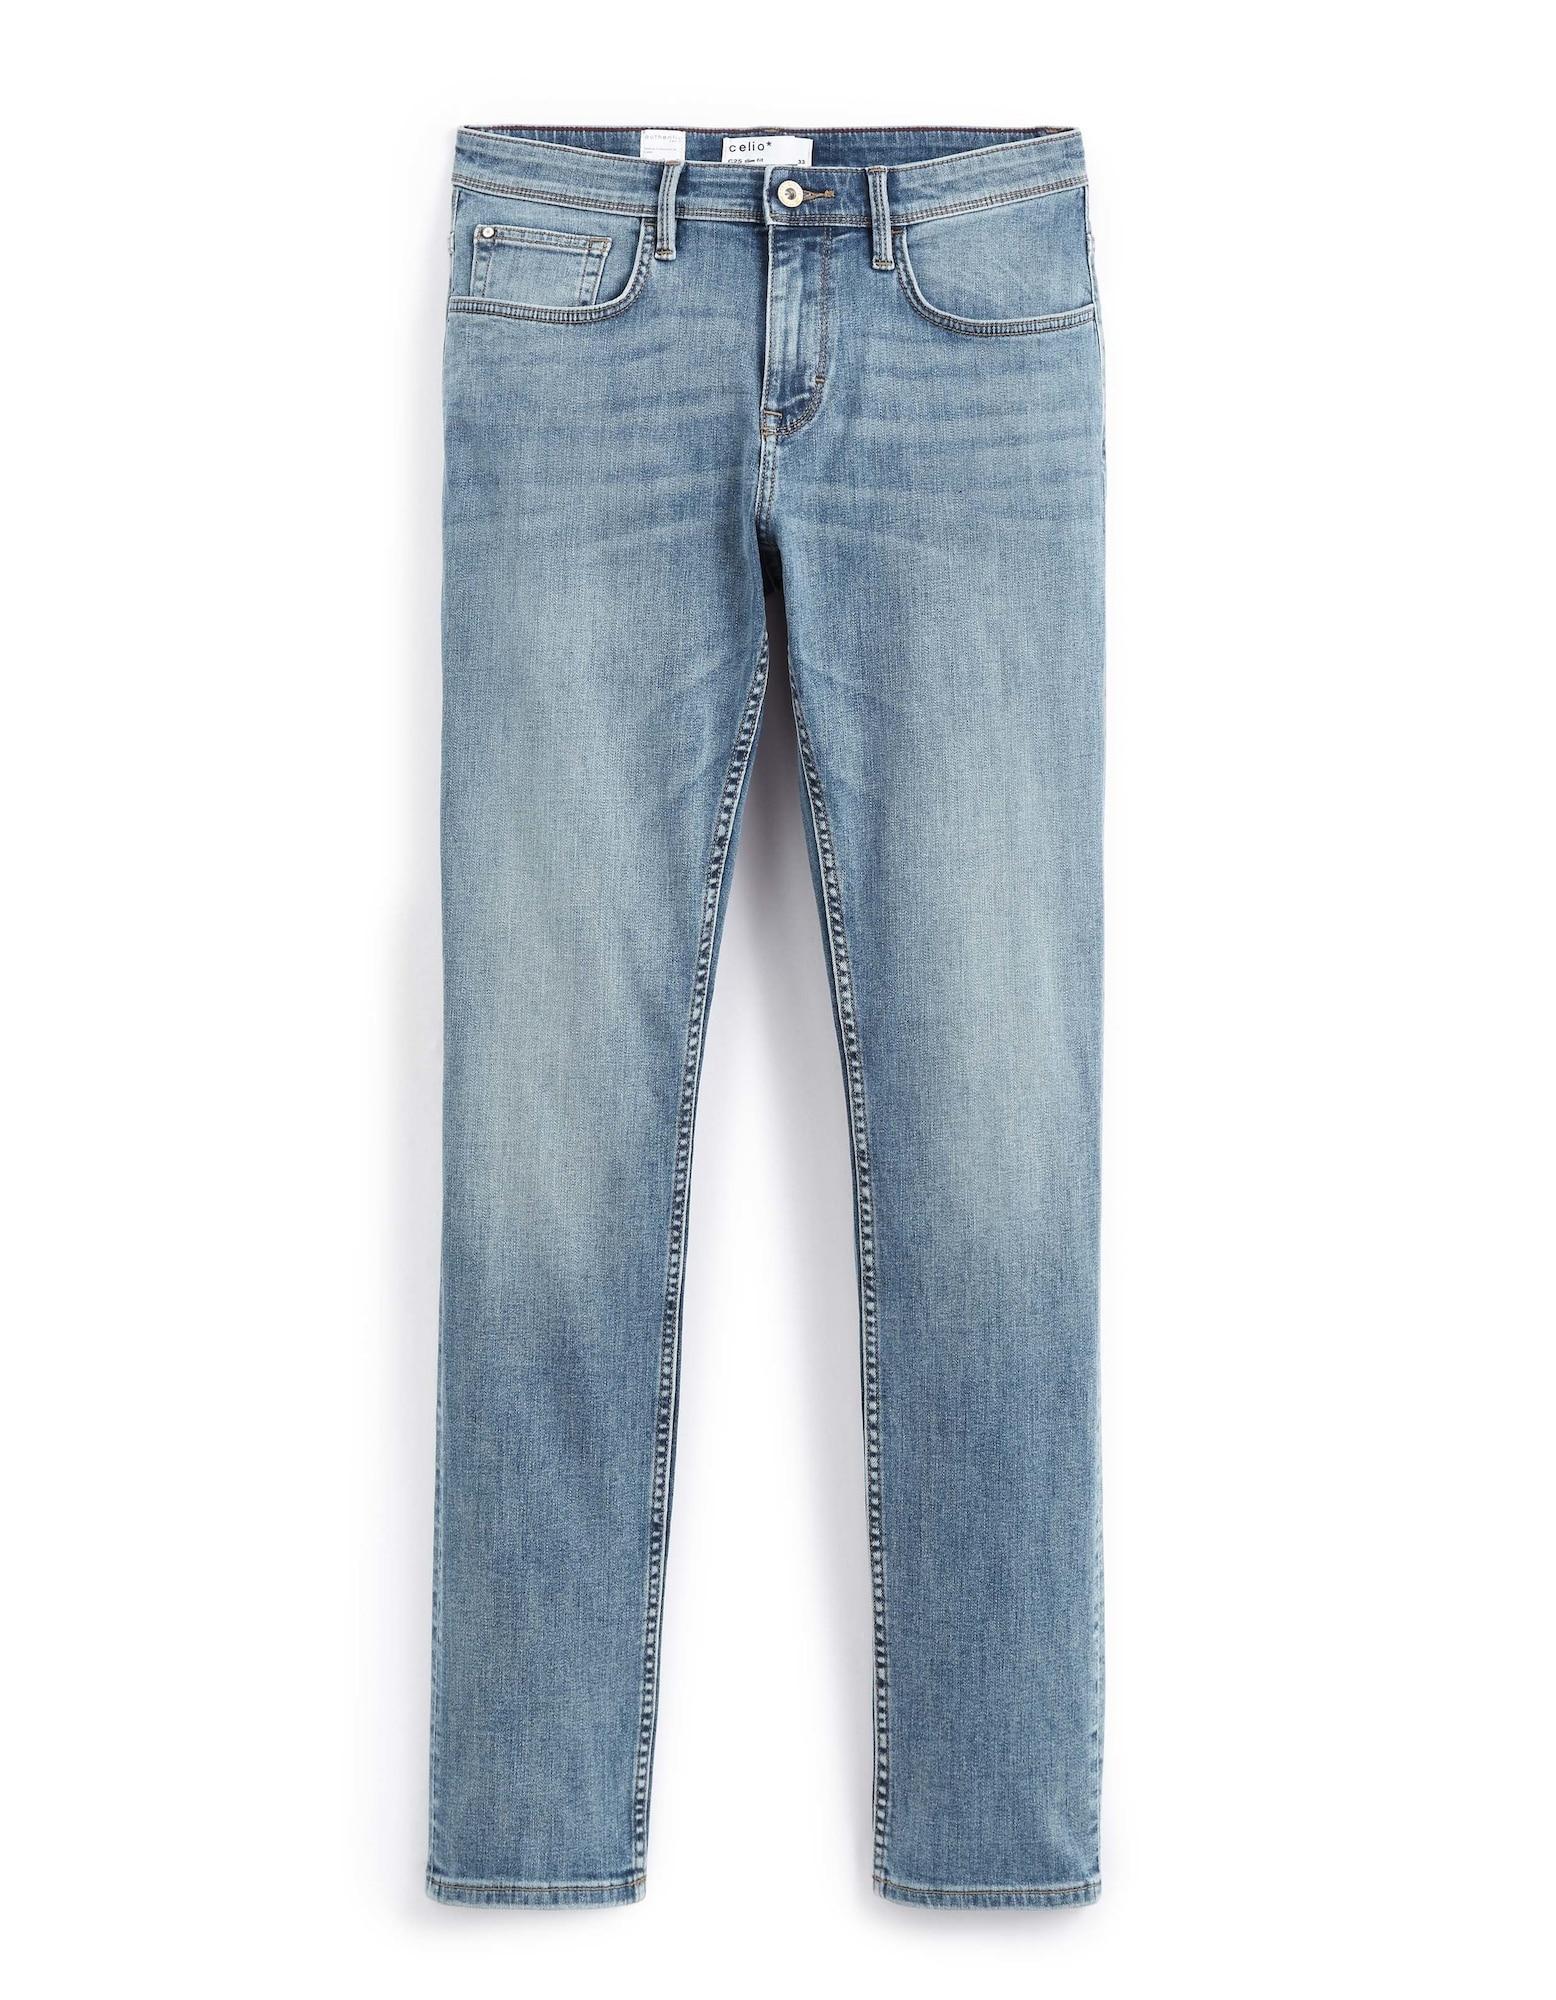 Herren CELIO Jeans 'Poslight25' blau   03596655126679